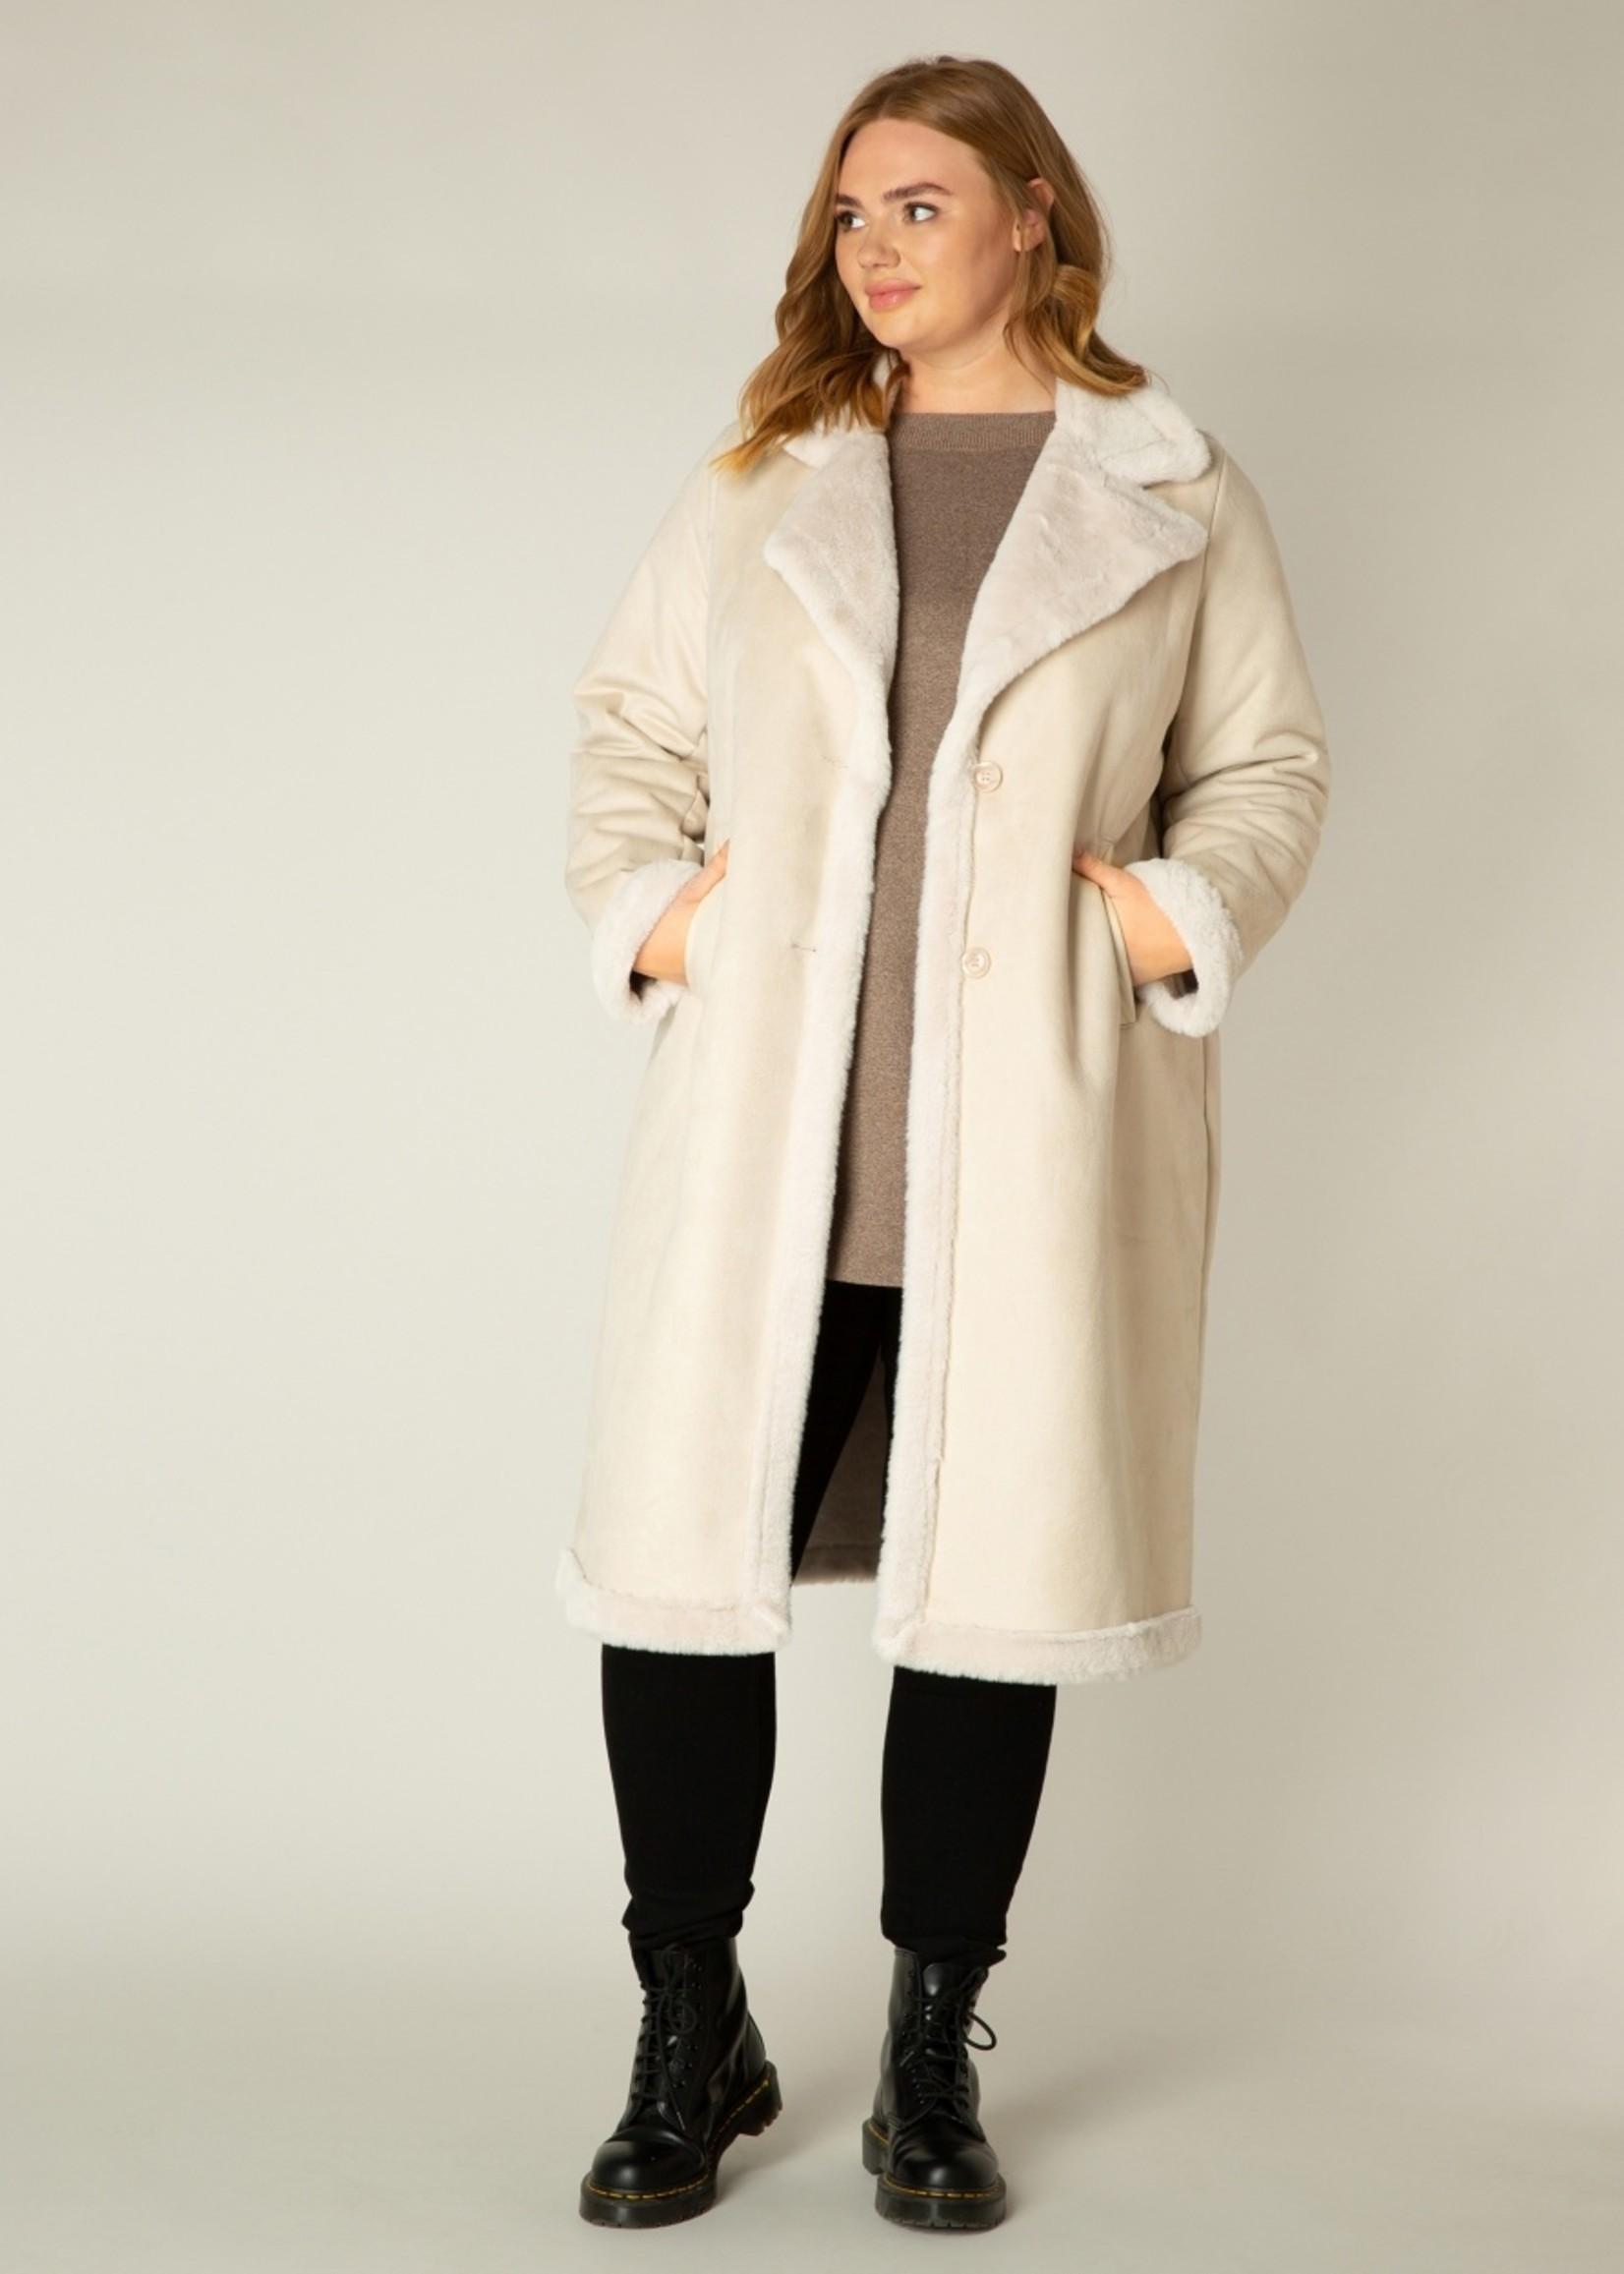 Yesta Yesta Sandy White Coat